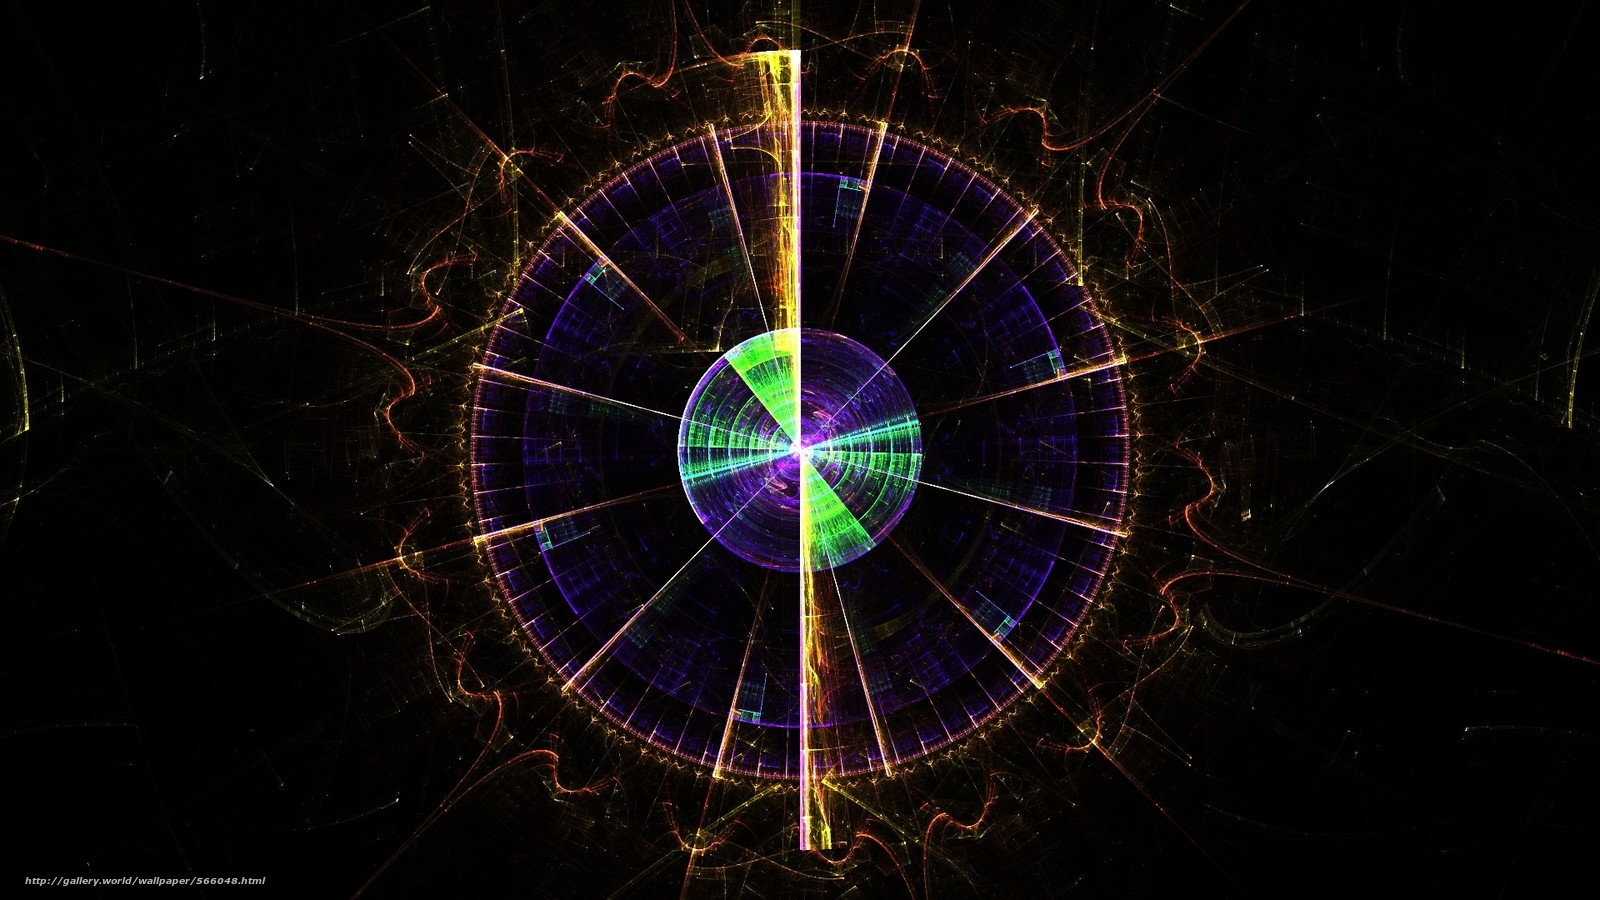 Tlcharger Fond d'ecran abstraction,  окружность,  радар Fonds d'ecran gratuits pour votre rsolution du bureau 1920x1080 — image №566048